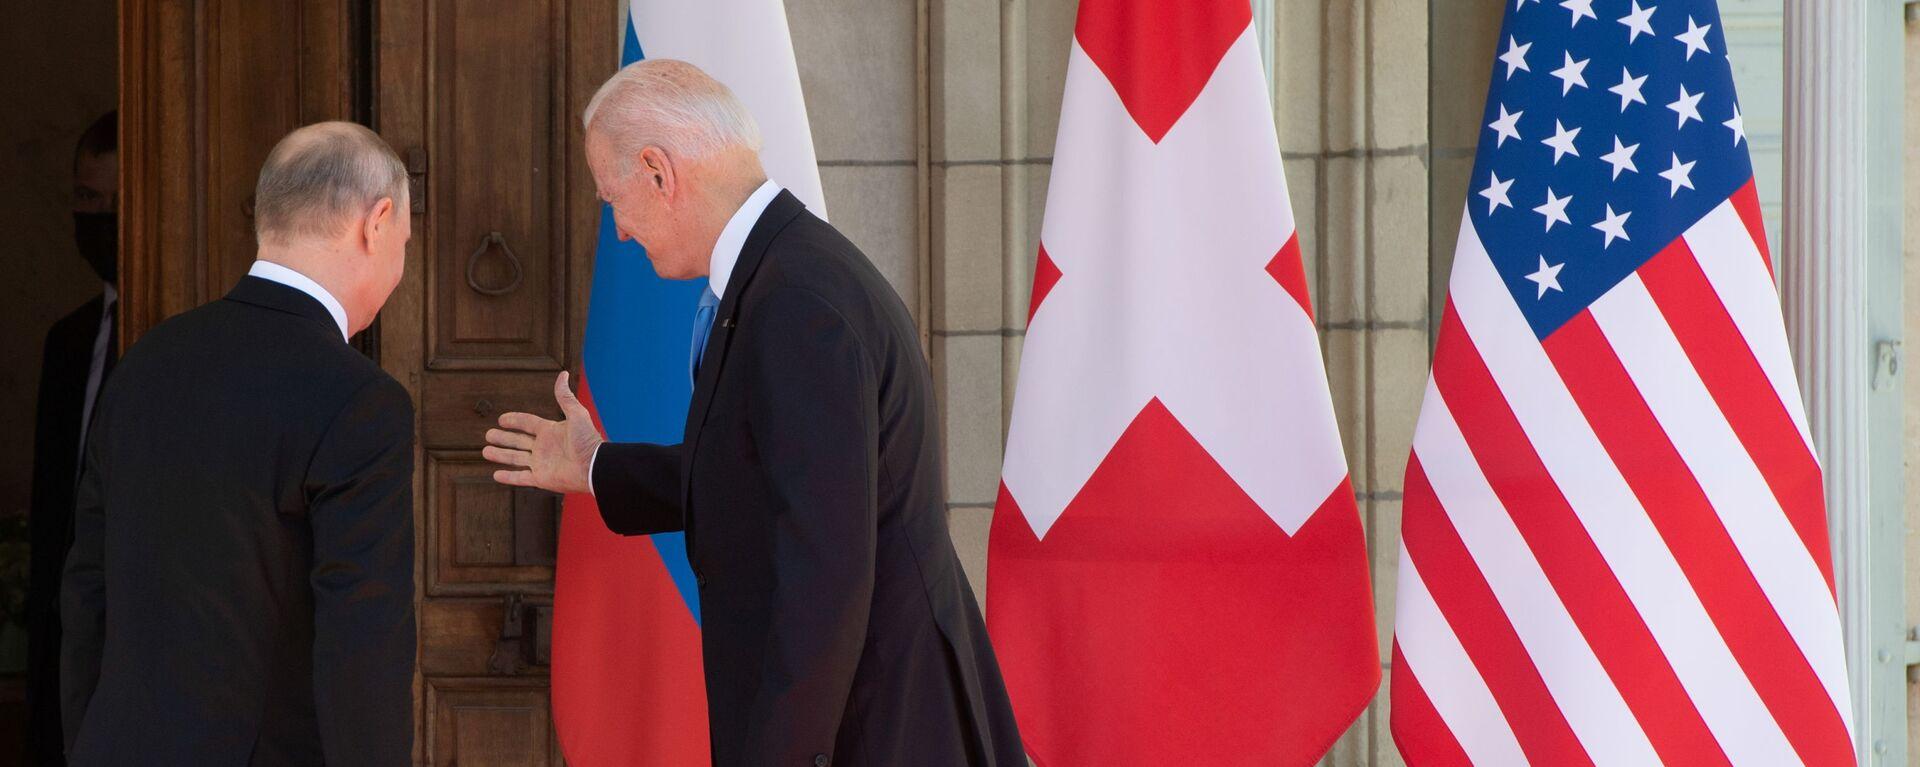 Prezydent Rosji Władimir Putin i prezydent USA Joe Biden podczas spotkania w Genewie - Sputnik Polska, 1920, 14.07.2021